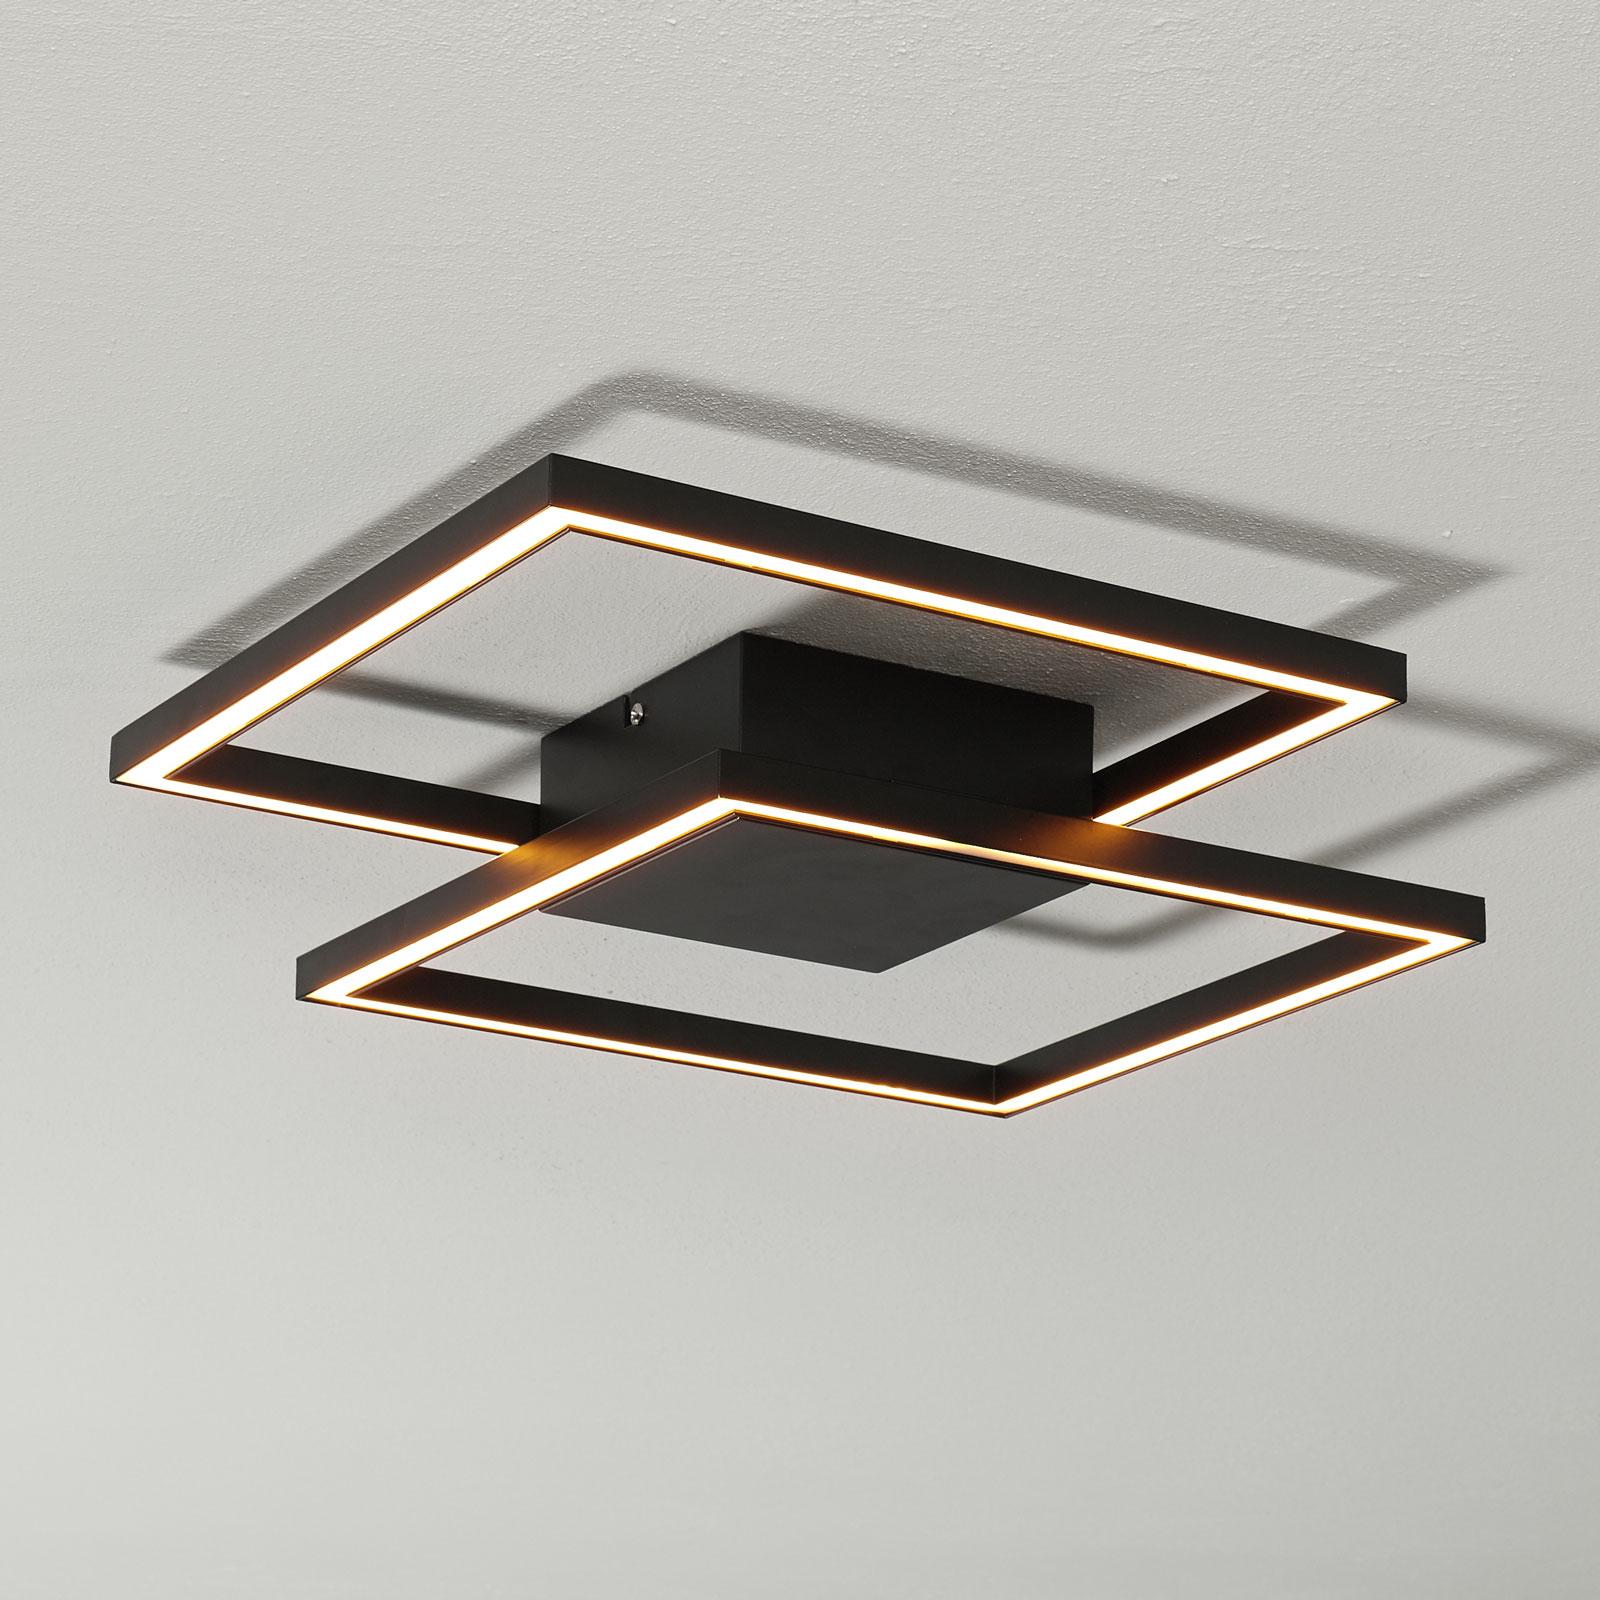 Lampa sufitowa LED Falcon, czarna